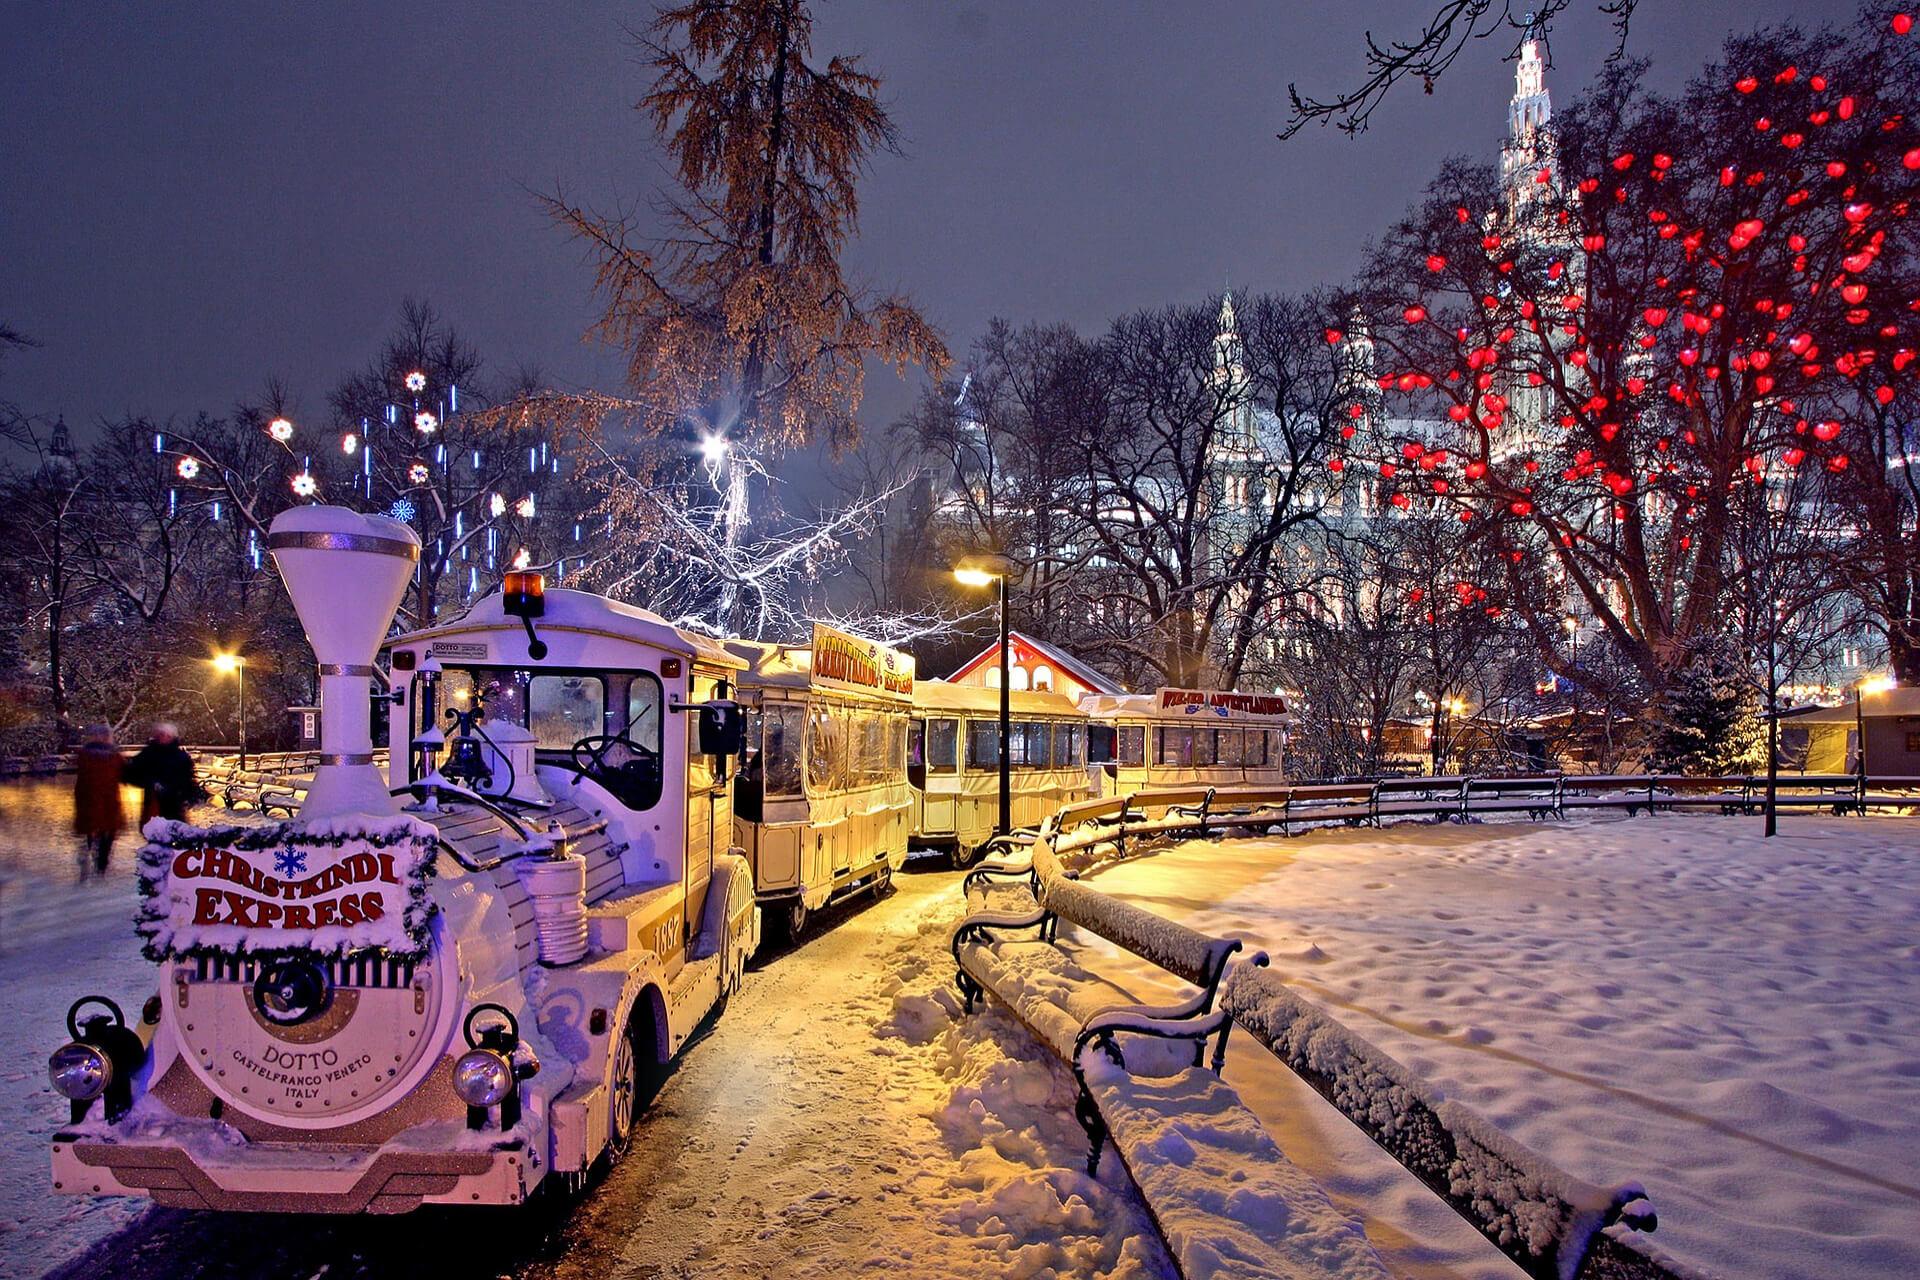 Viena Piața de Crăciun Revelion iarna